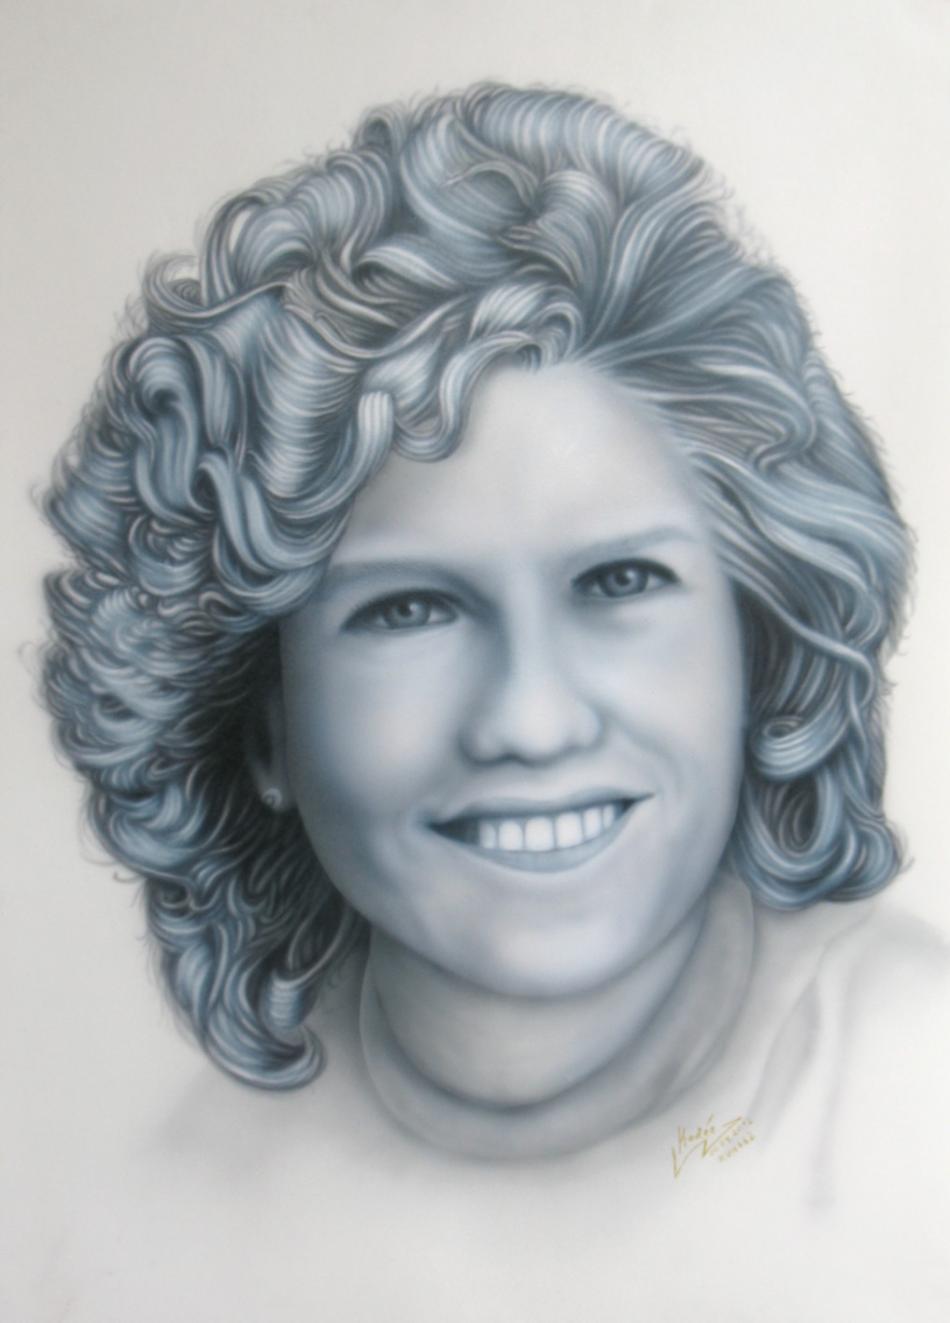 Susann (2012) Airbrush-Portrait KVN 662